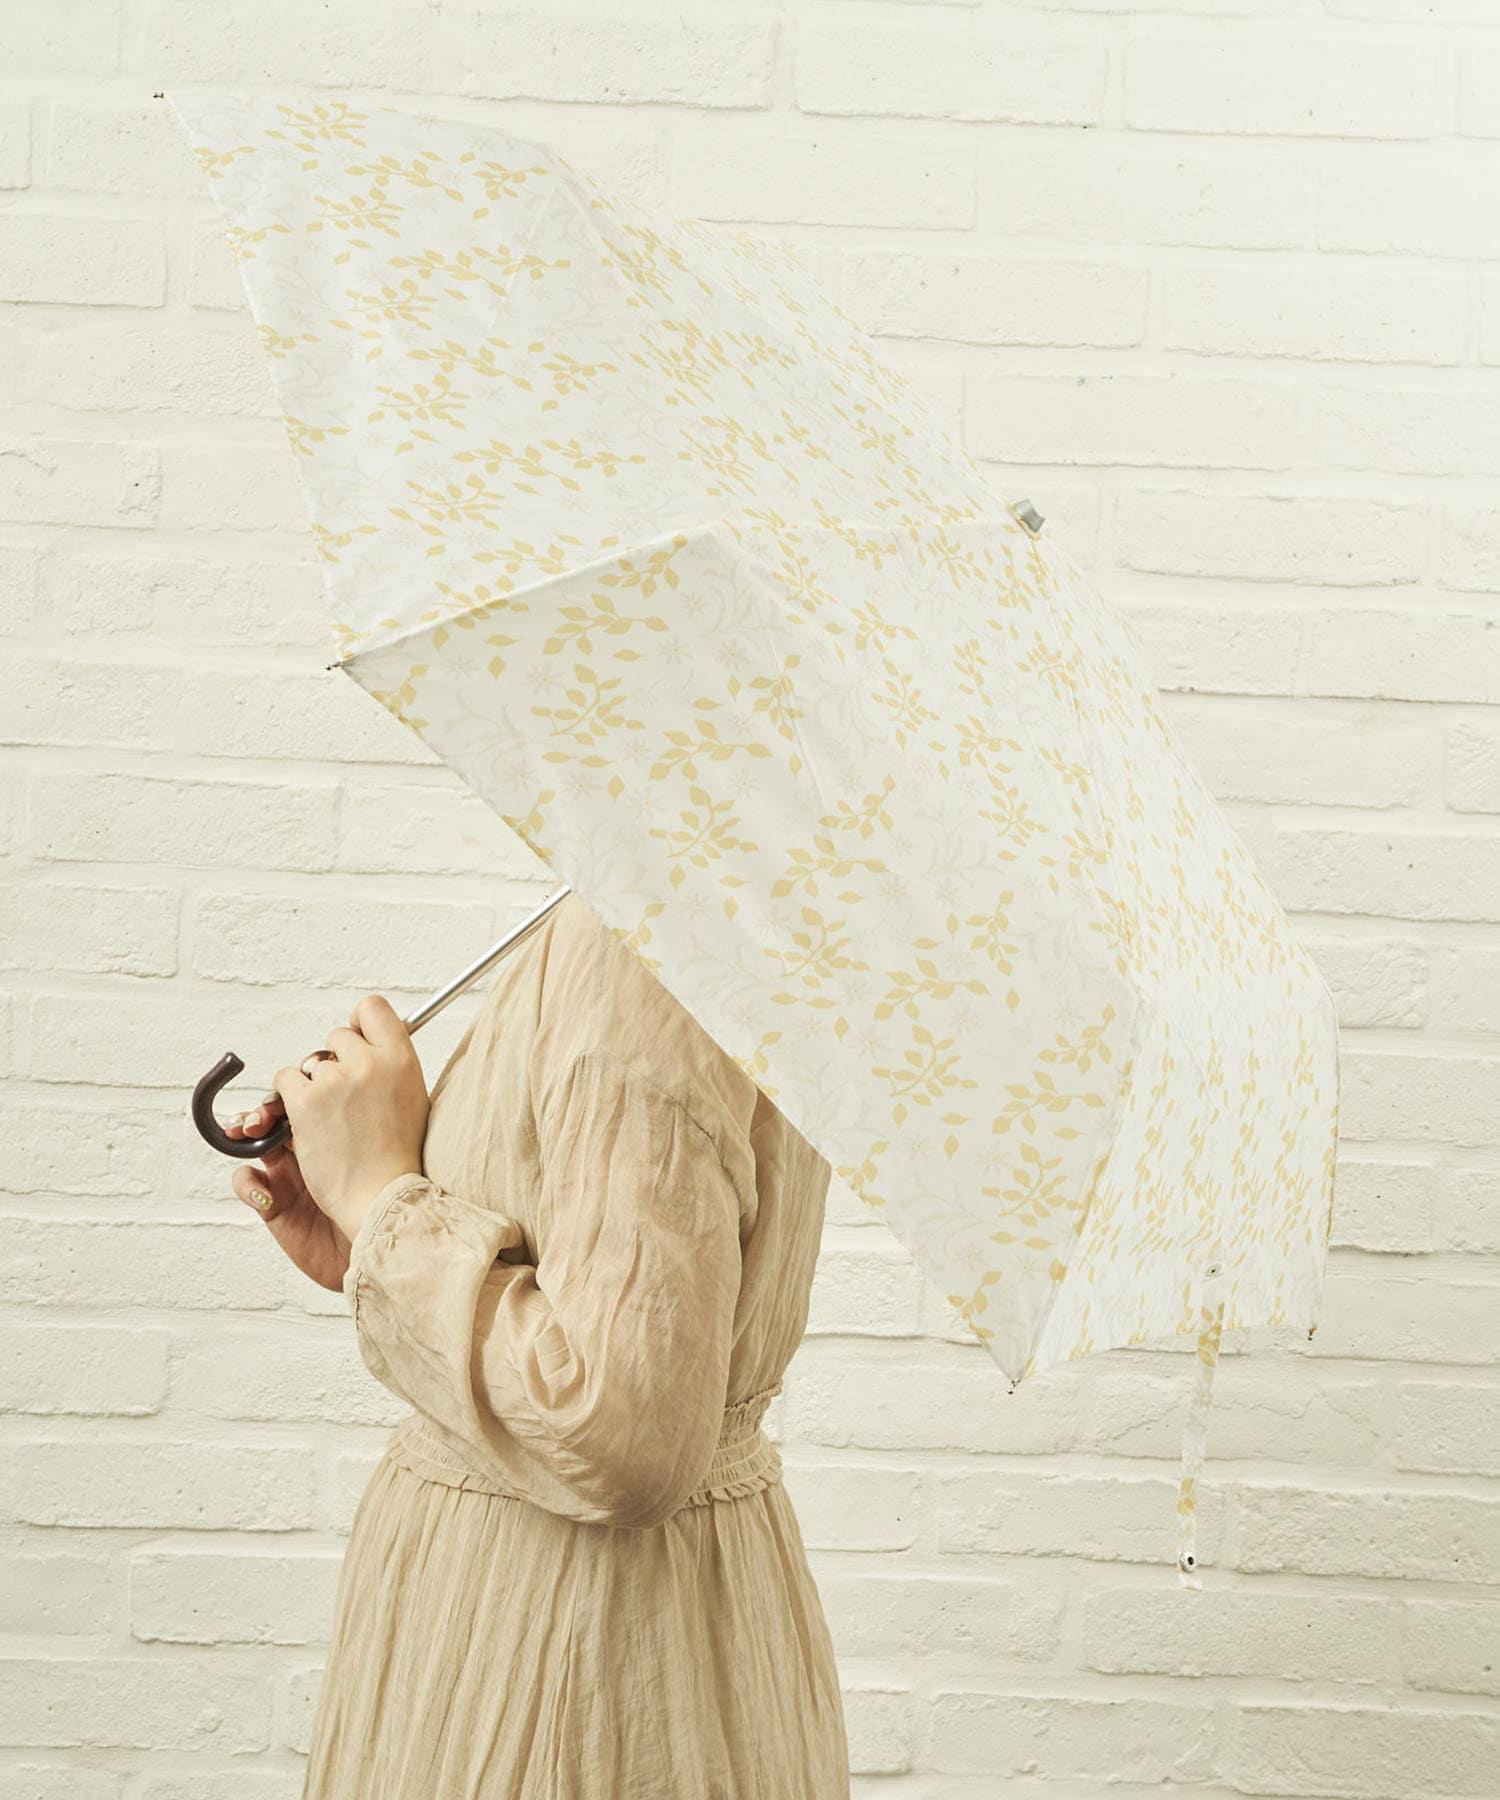 salut!(サリュ) ライフスタイル 雨傘折フラワー(アイボリー) その他